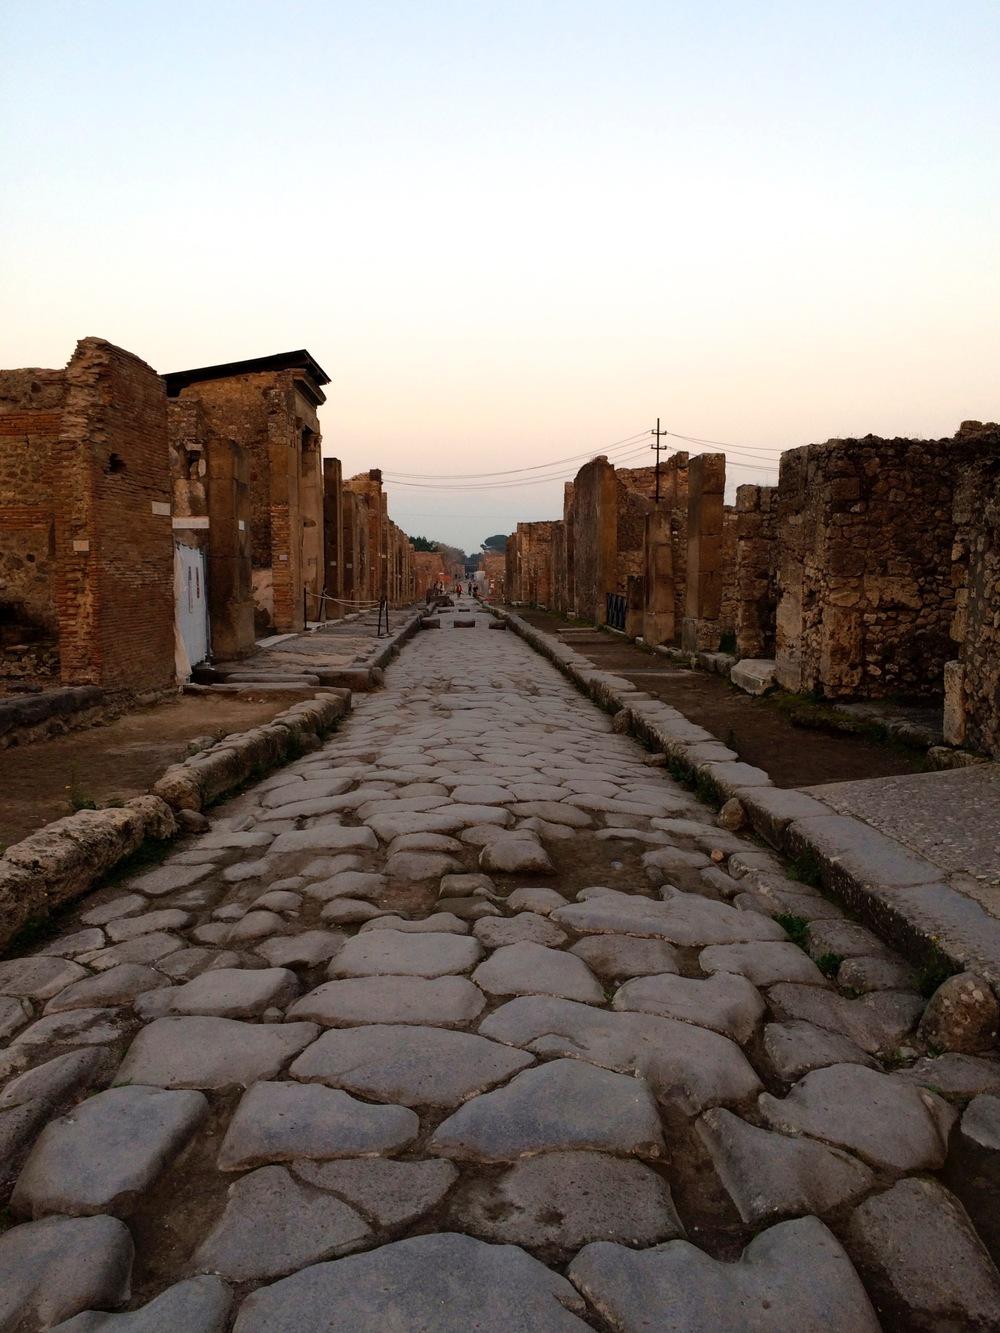 Streets of Pompeii, Sicily